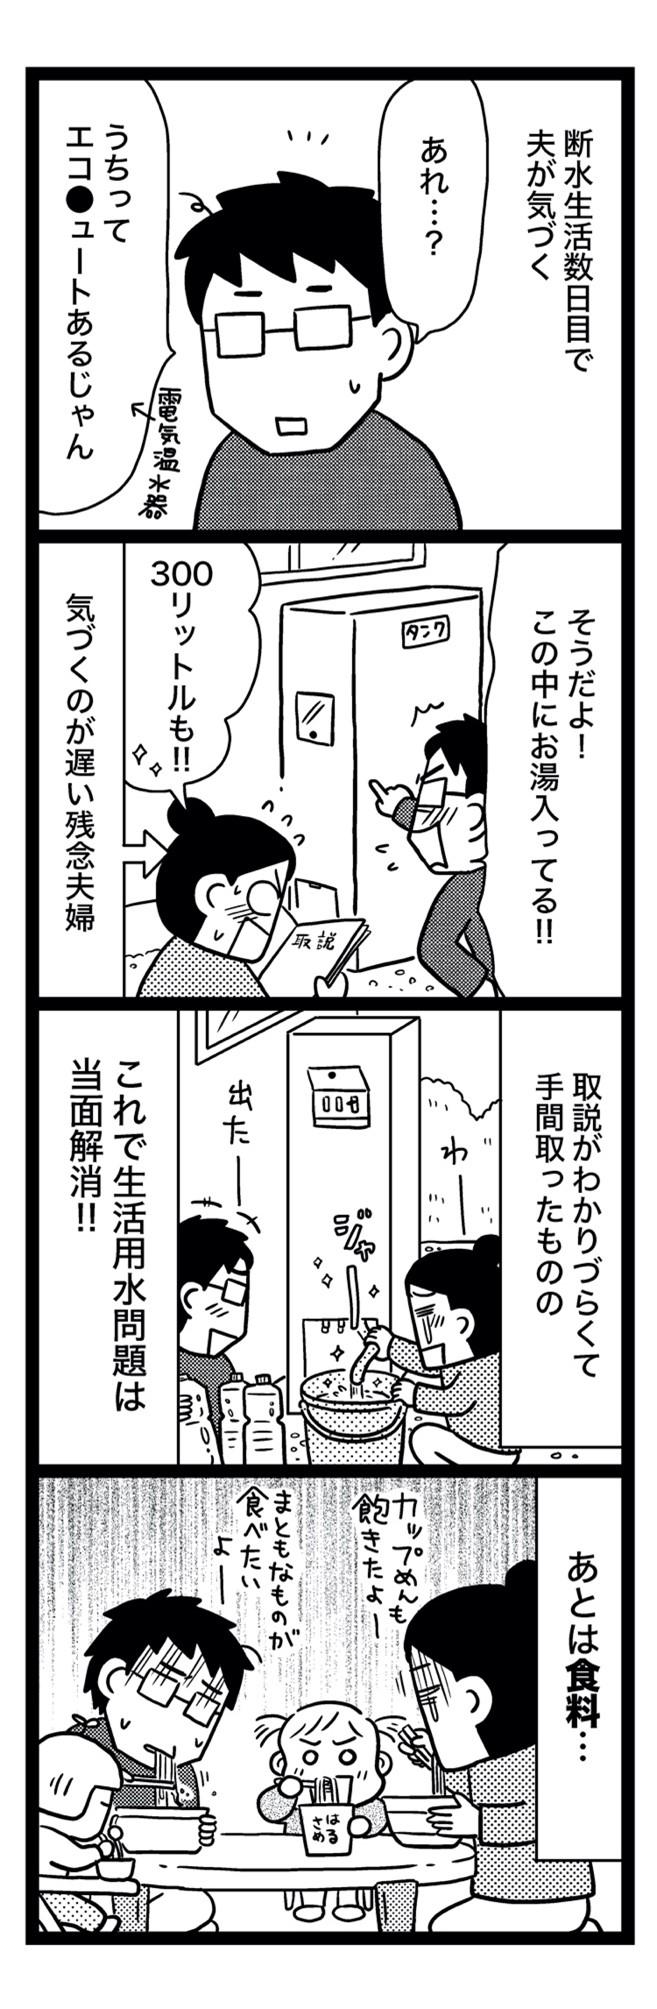 sinsai4-1